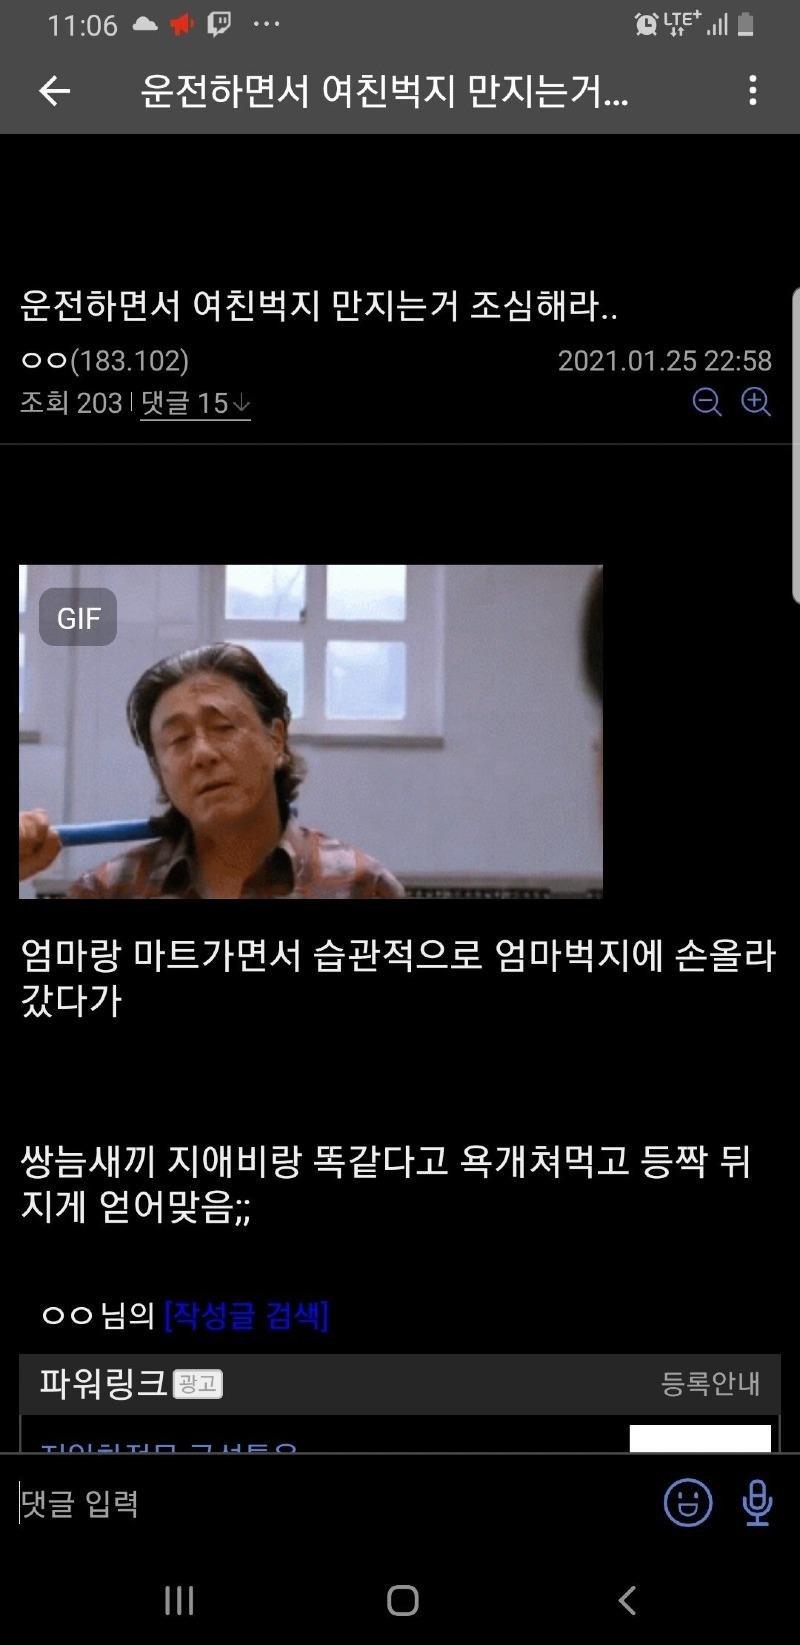 viewimage.php?id=2cb6d272bd&no=24b0d769e1d32ca73fec82fa11d028313f7ca0229f7ff0a914a04ad5fd5d9e1f660d5cbf8d85b89e1d0501449c6238a2488b21975860dd258ba68e7dc9d4f3b274